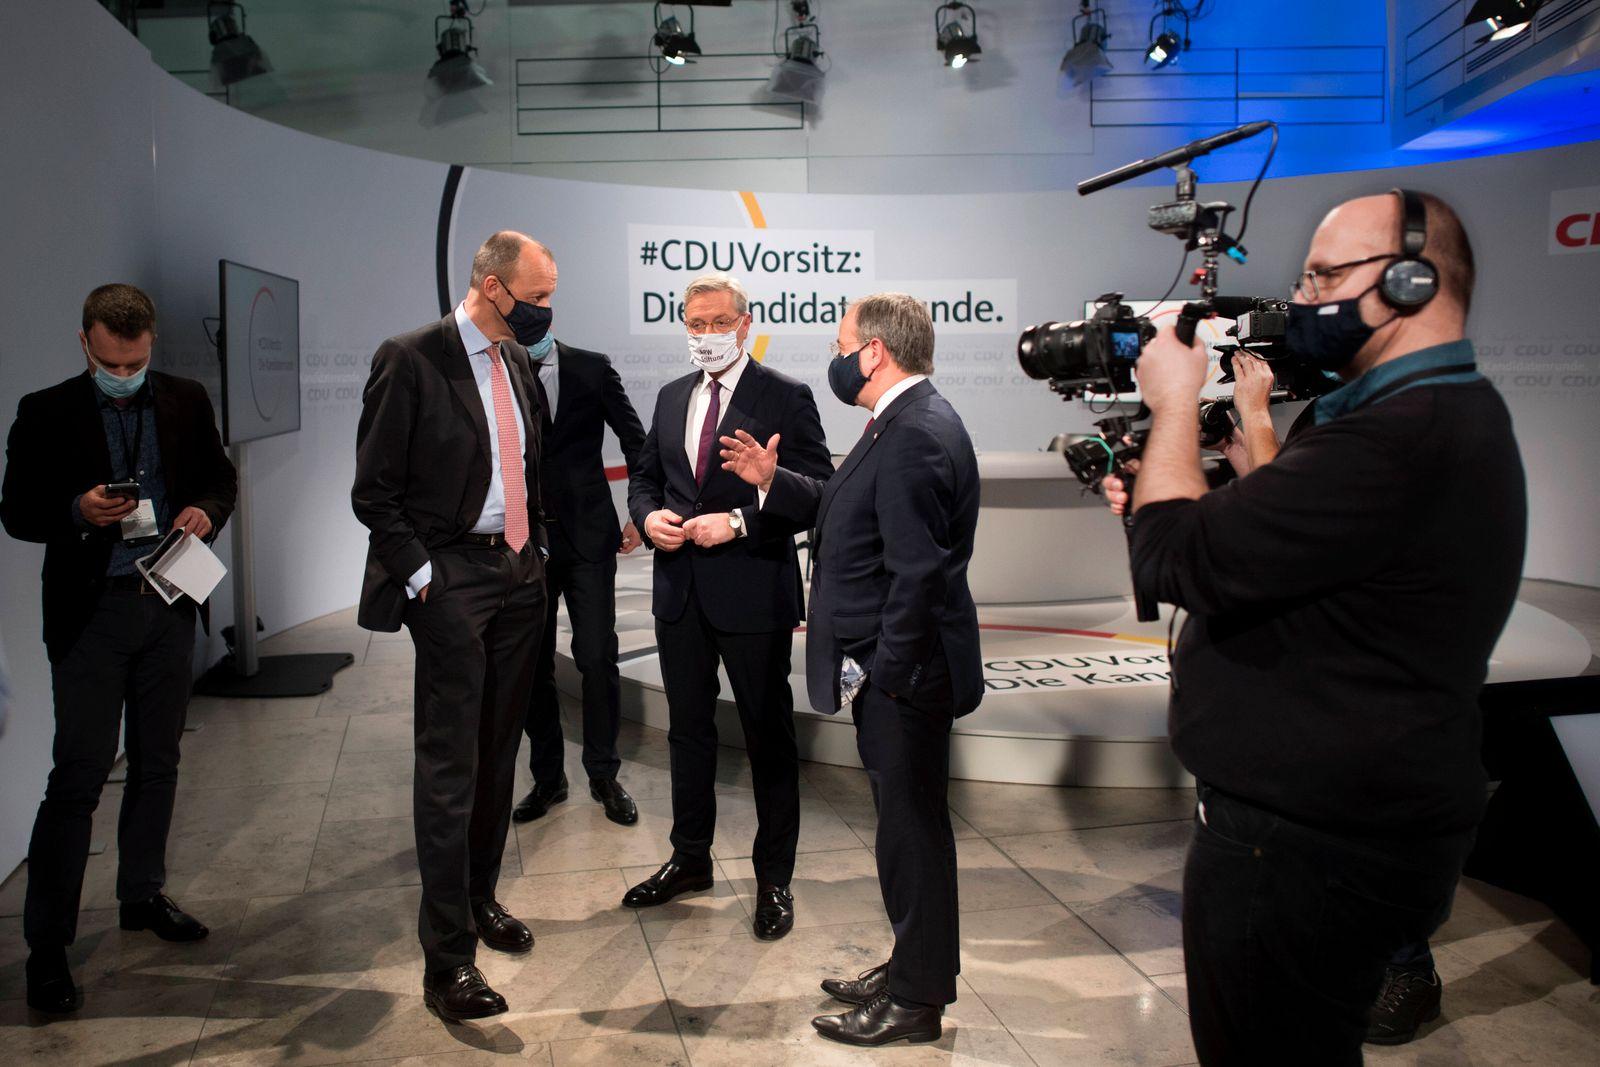 CDU Candidacy For CDU Leadership DEU, Deutschland, Germany, Berlin, 14.12.2020 Friedrich Merz, Kandidat als neuer Parte